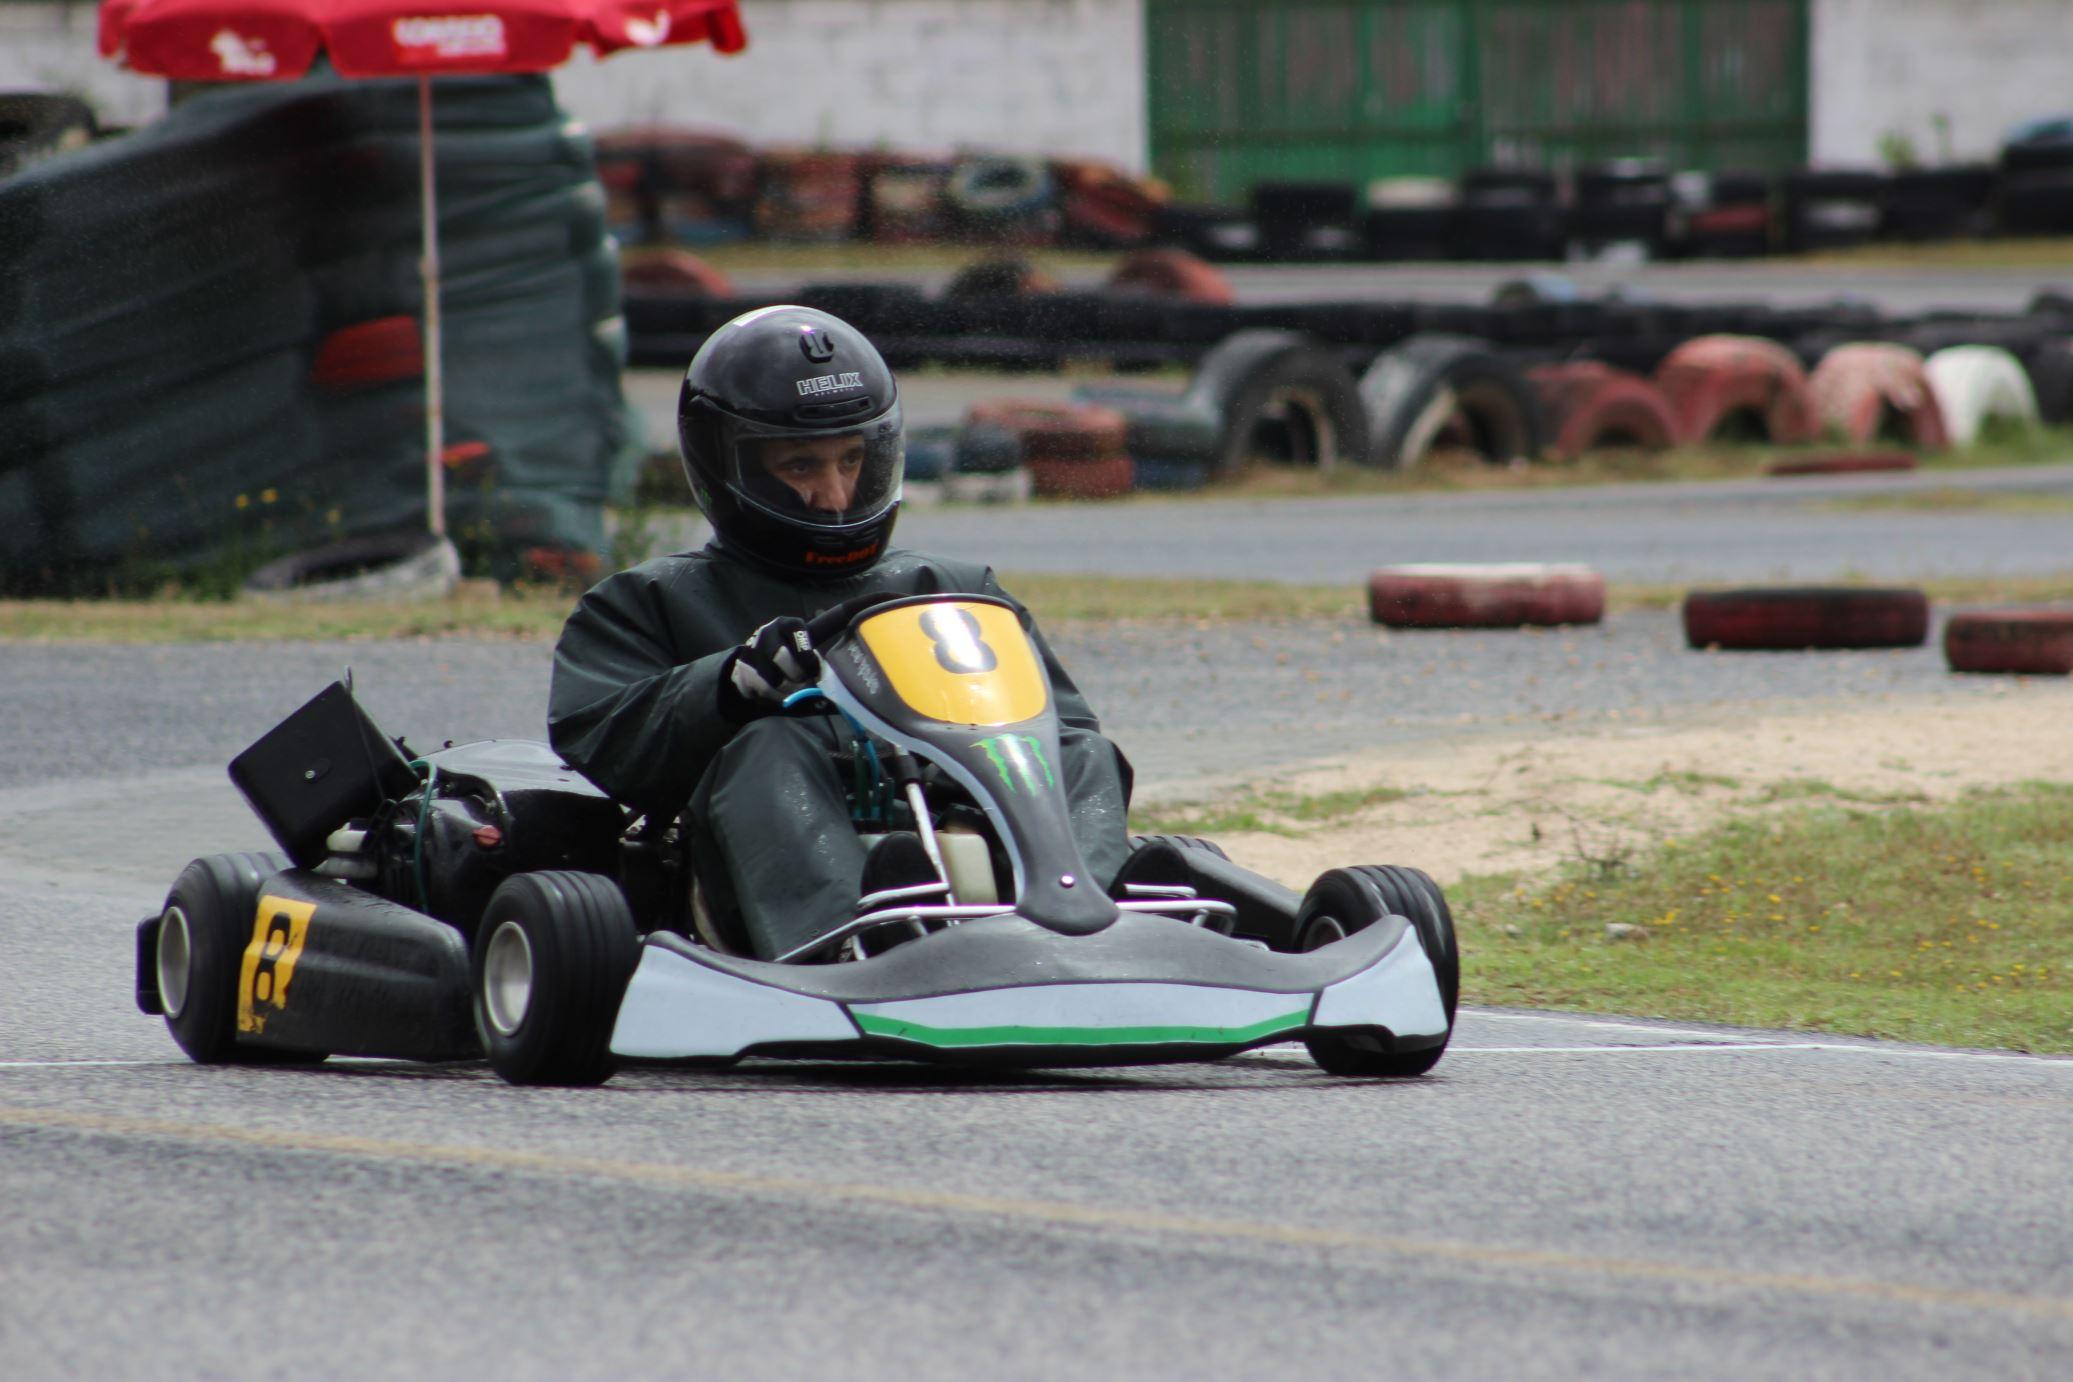 Troféu Honda 2014 - 2ª Prova123